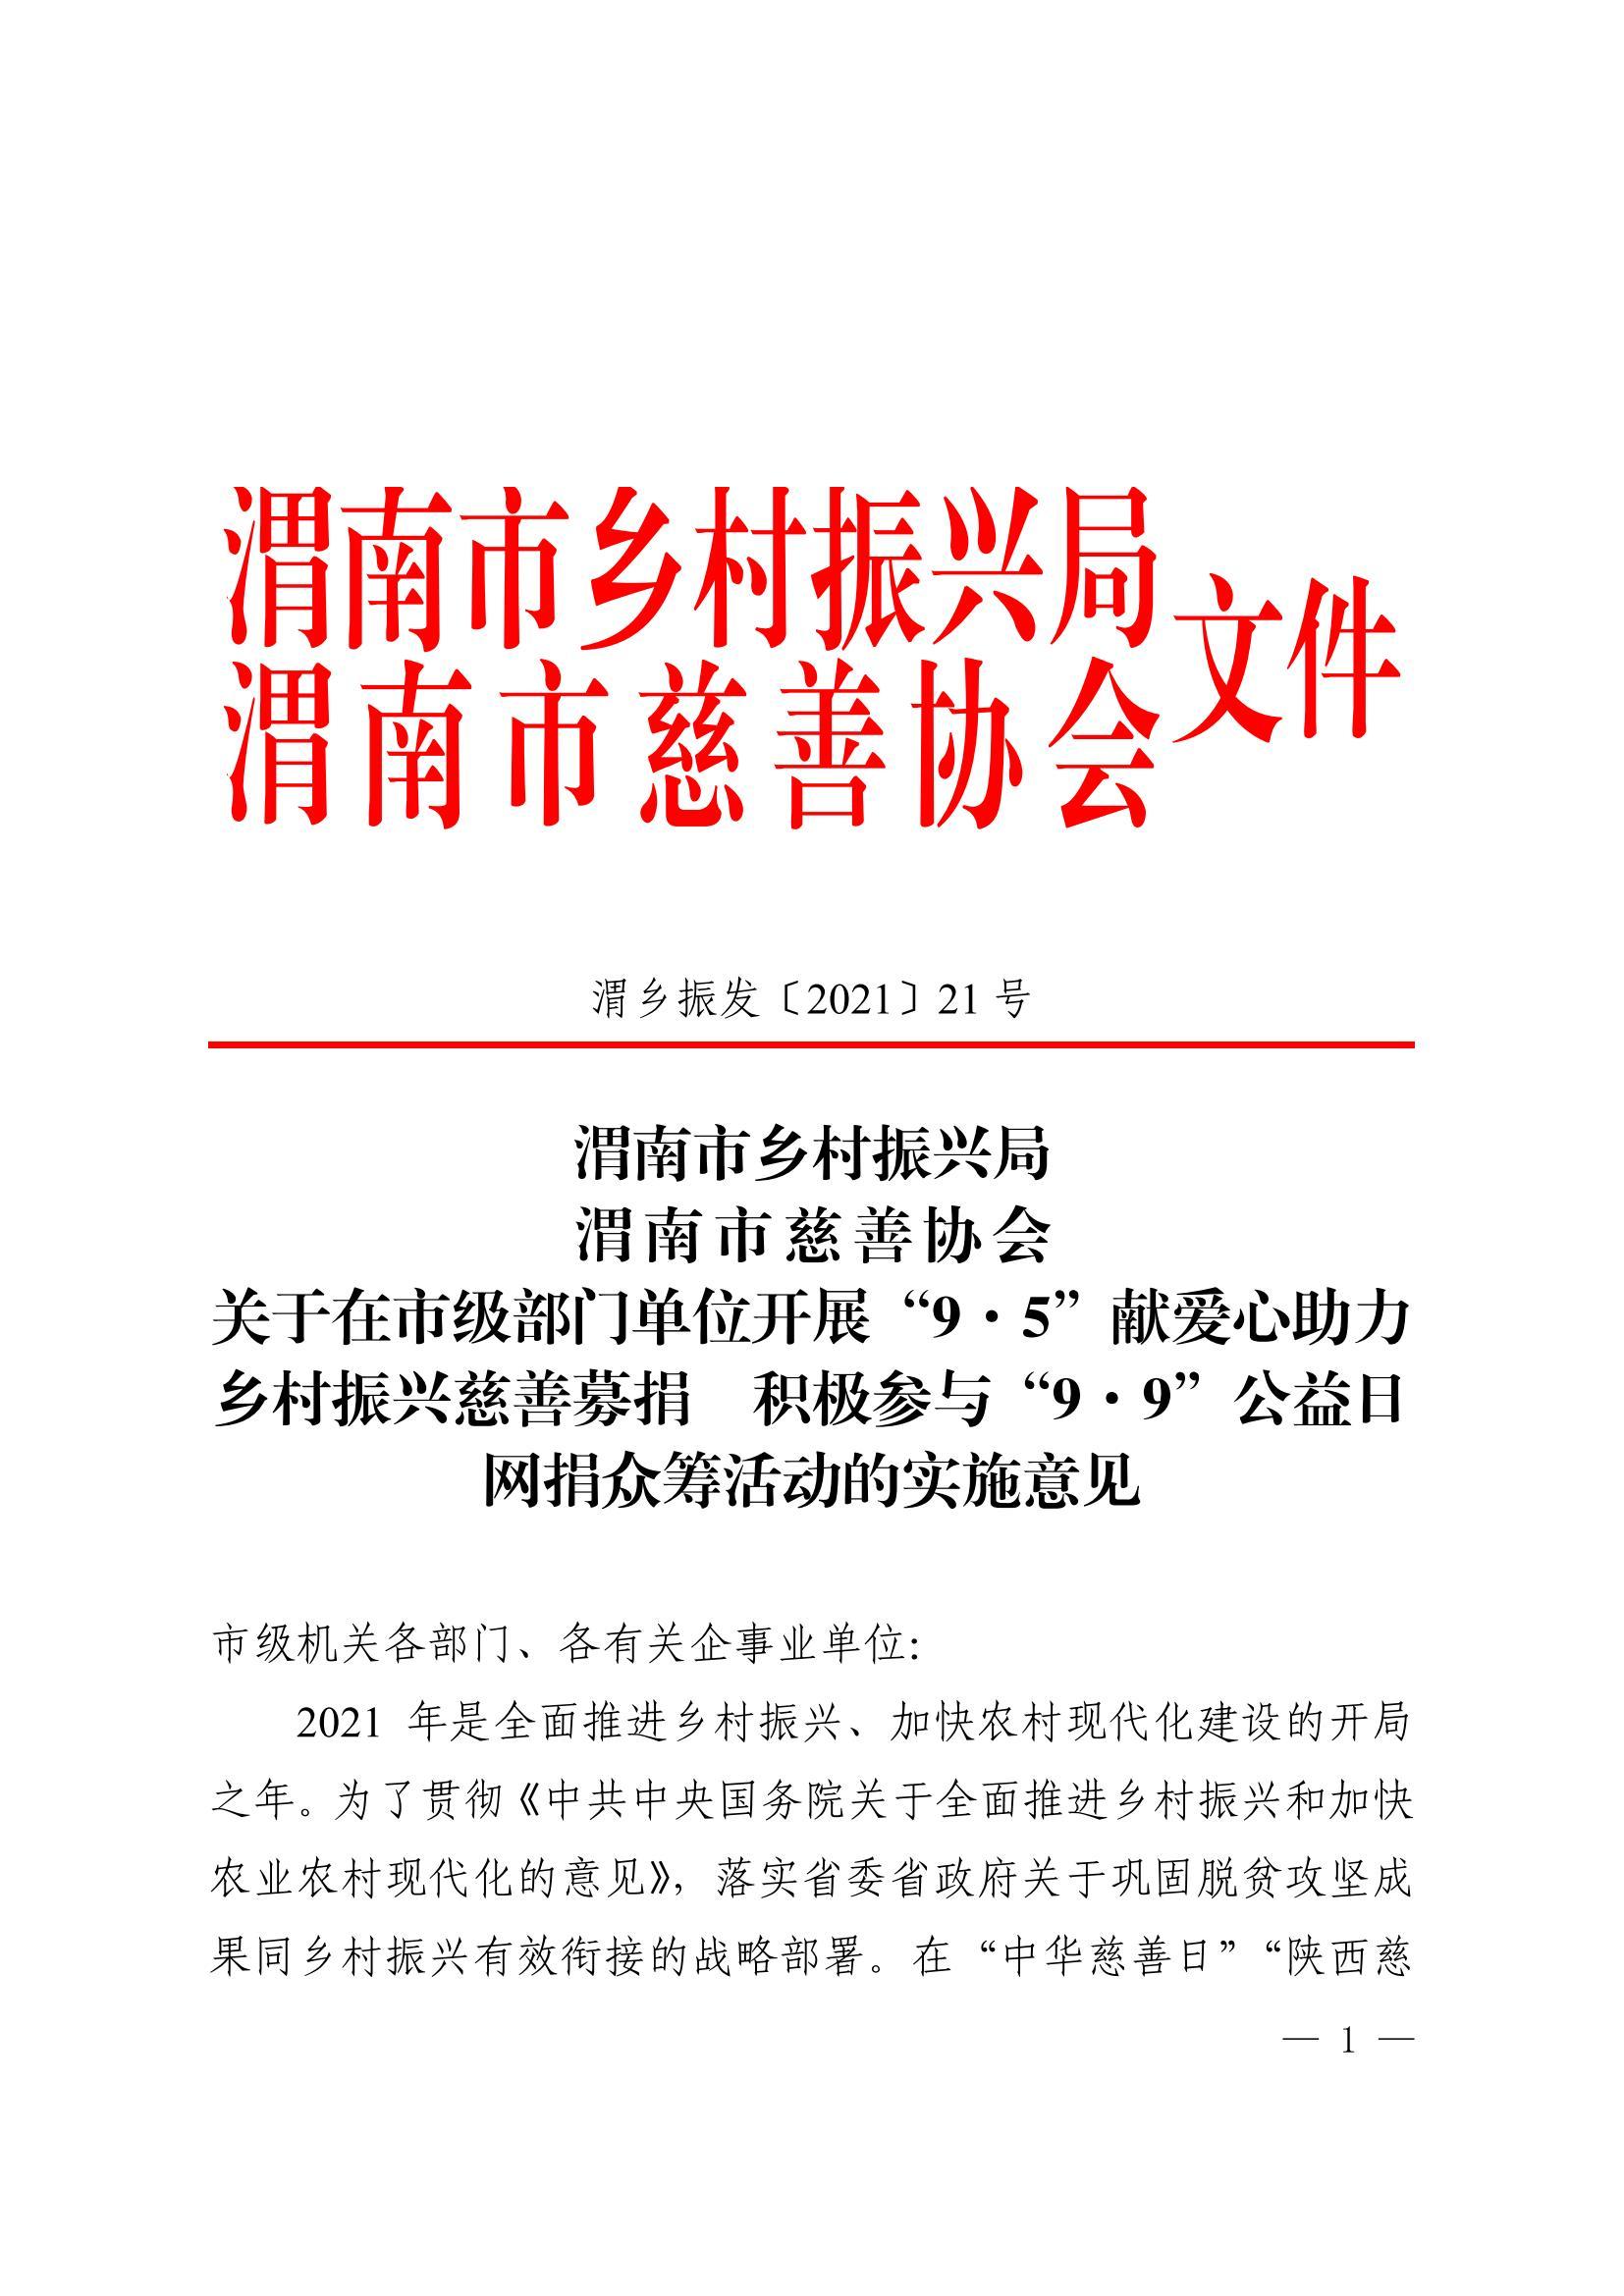 联合发文〔2021〕号-市直9·5献爱心慈善募捐(2)_00.jpg